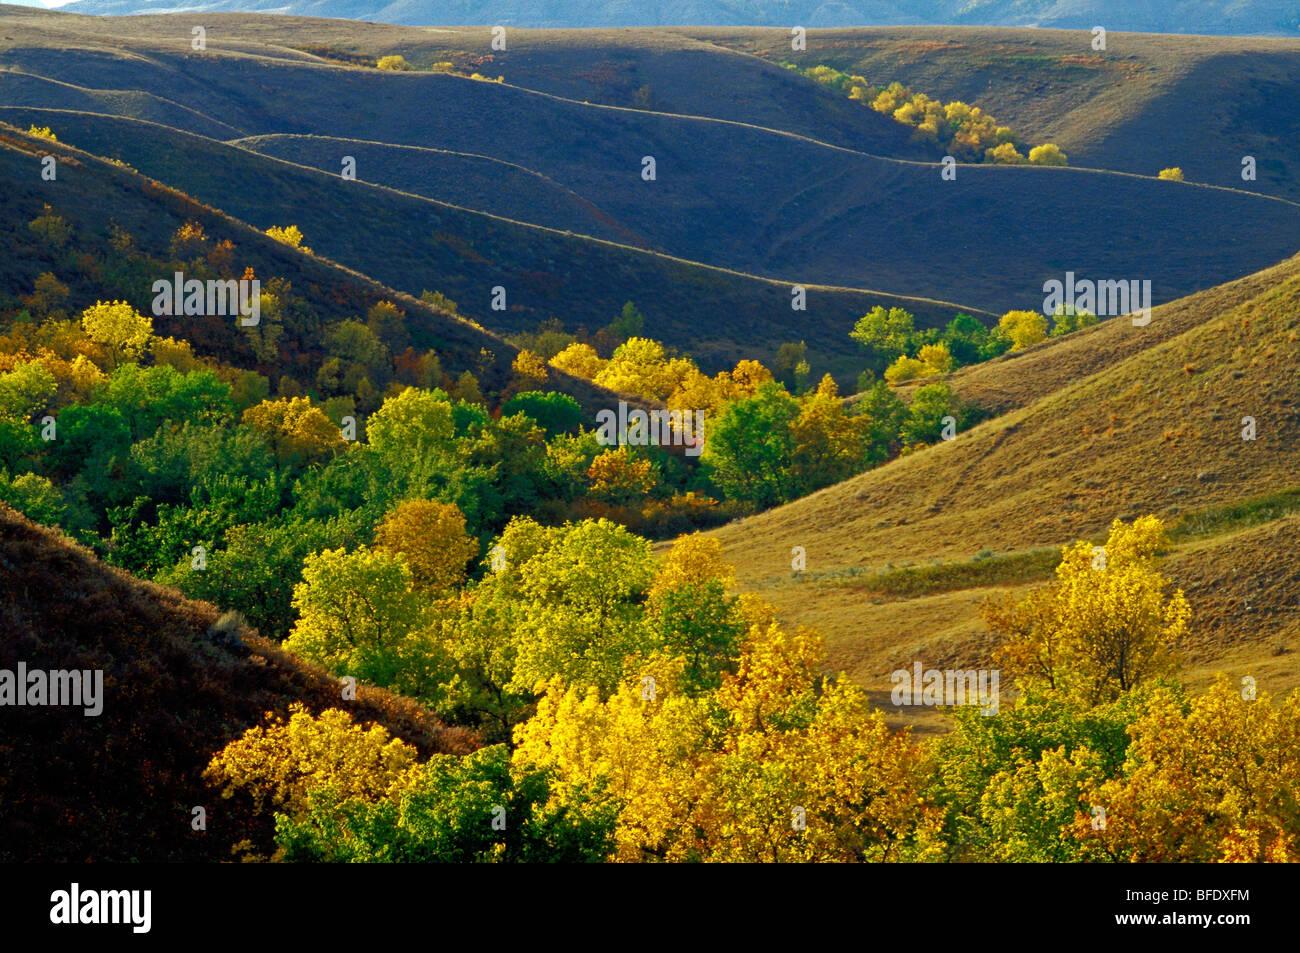 Aspen (Populus) bluffs in herbstlichen Farben, Big Muddy Badlands, Saskatchewan, Kanada Stockbild